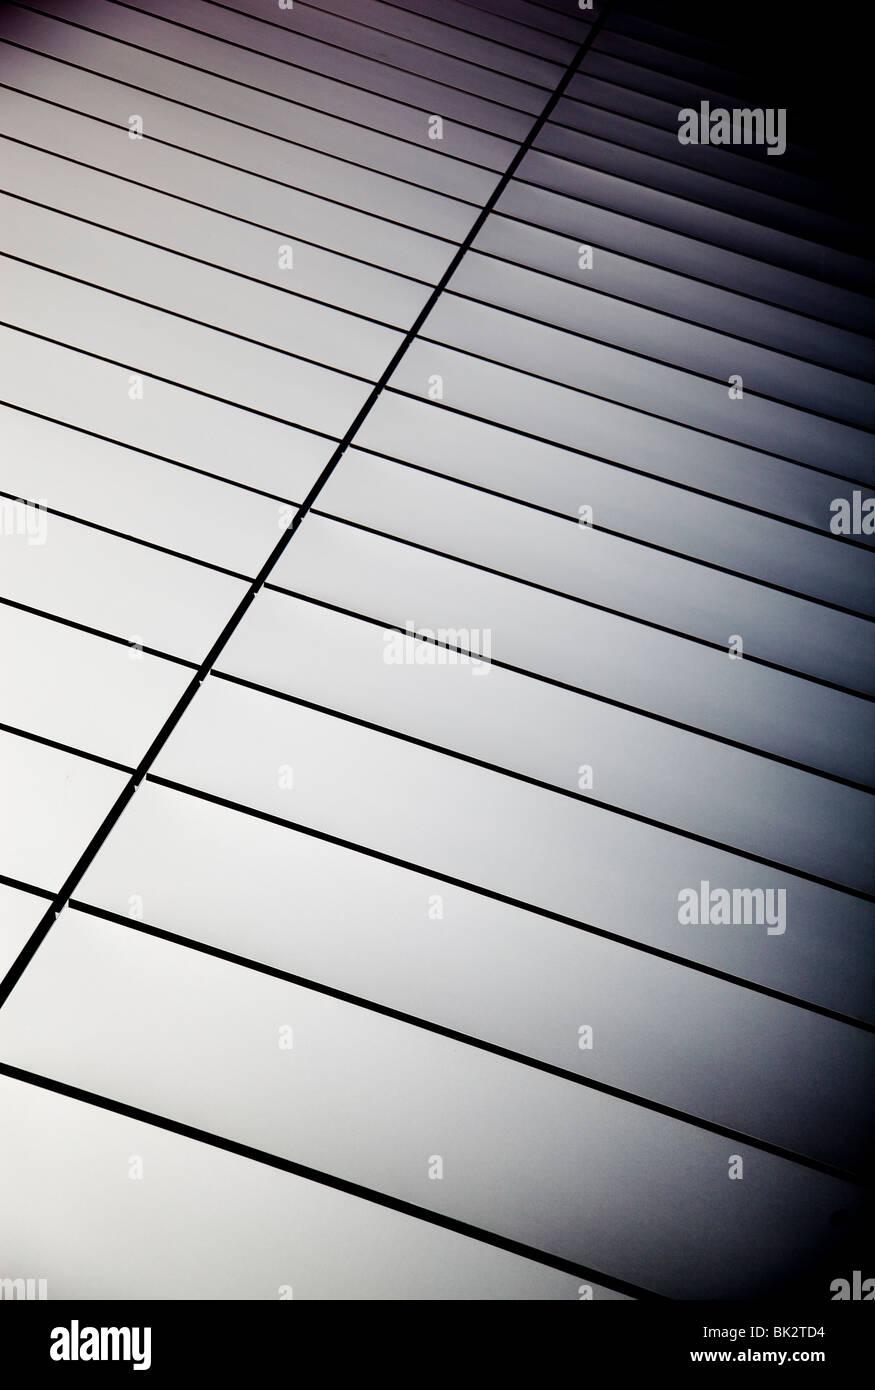 Mur de plaques d'acier poli Photo Stock